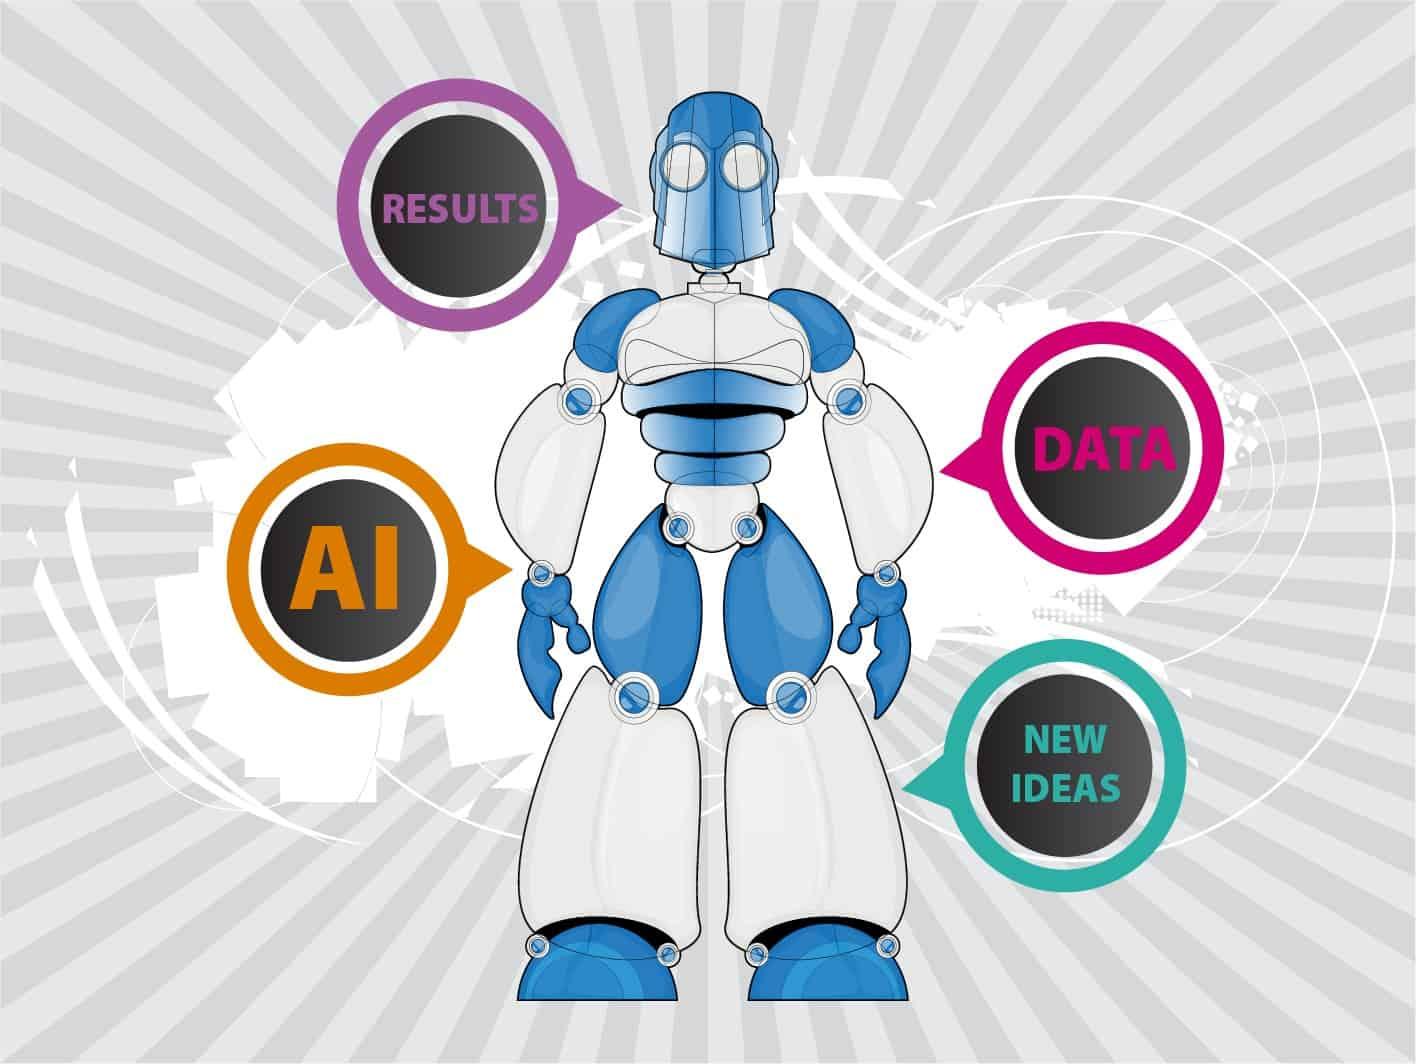 DataRobot comes to WVU